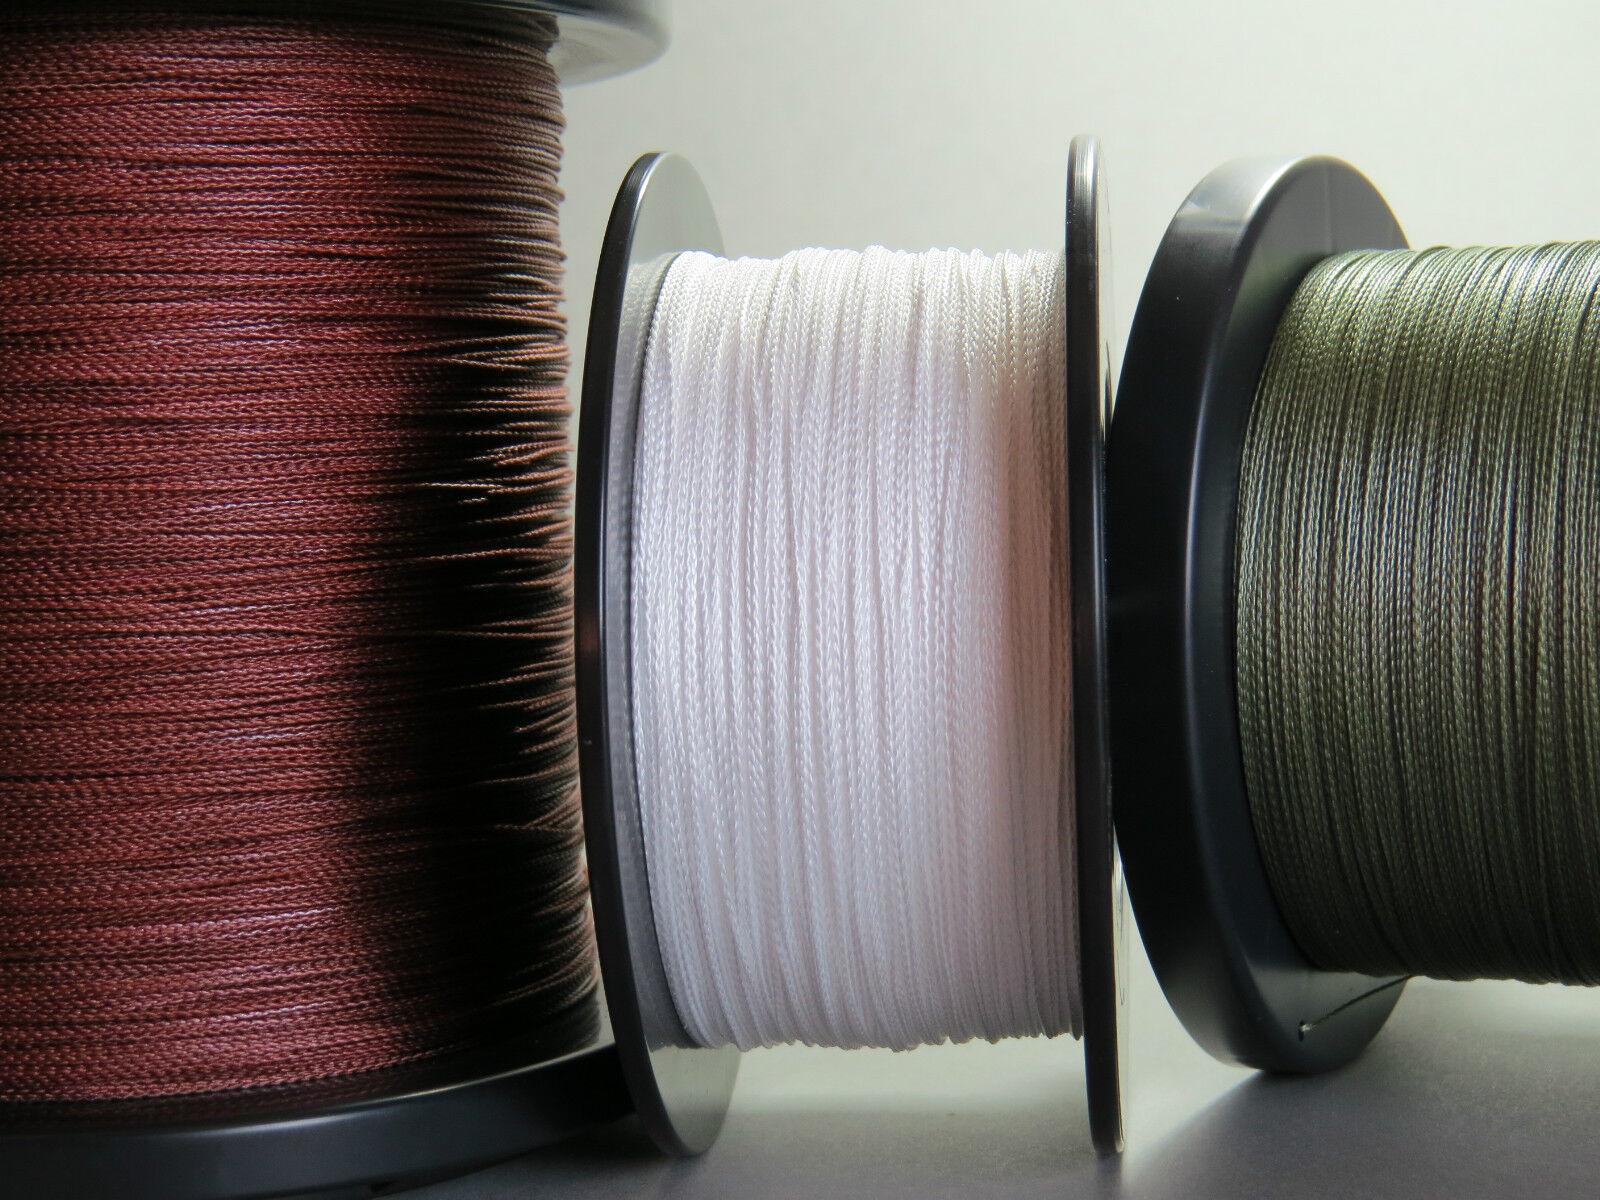 Dynasty 8-Braid geflochtene Waller Schnur super round 3 Typen 3 Farben 1m